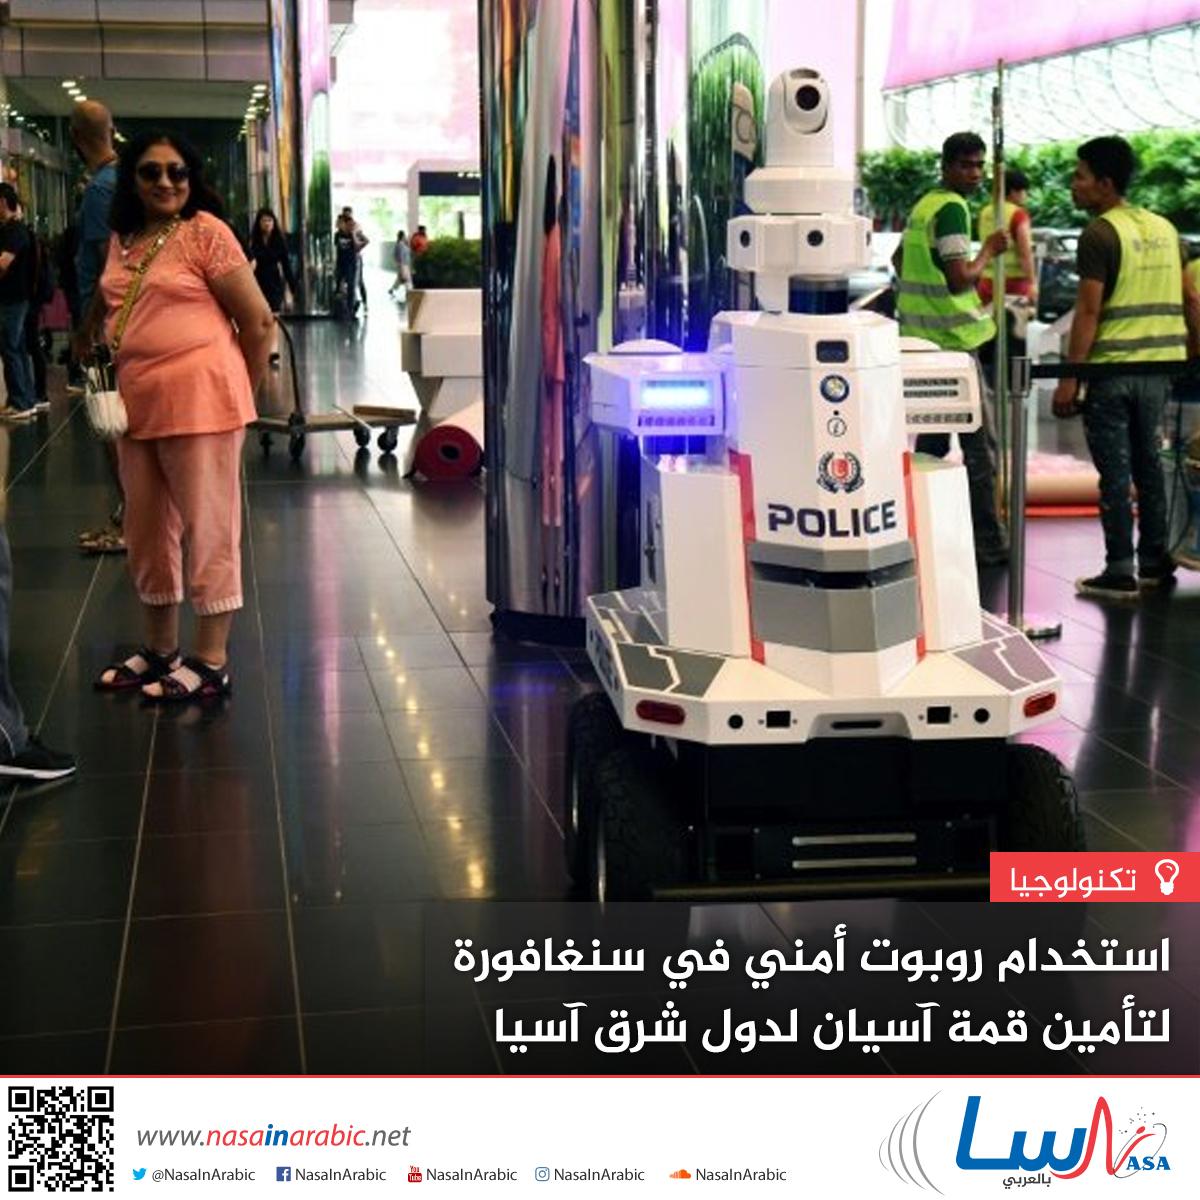 استخدام روبوت أمني في سنغافورة لتأمين قمة آسيان لدول شرق آسيا